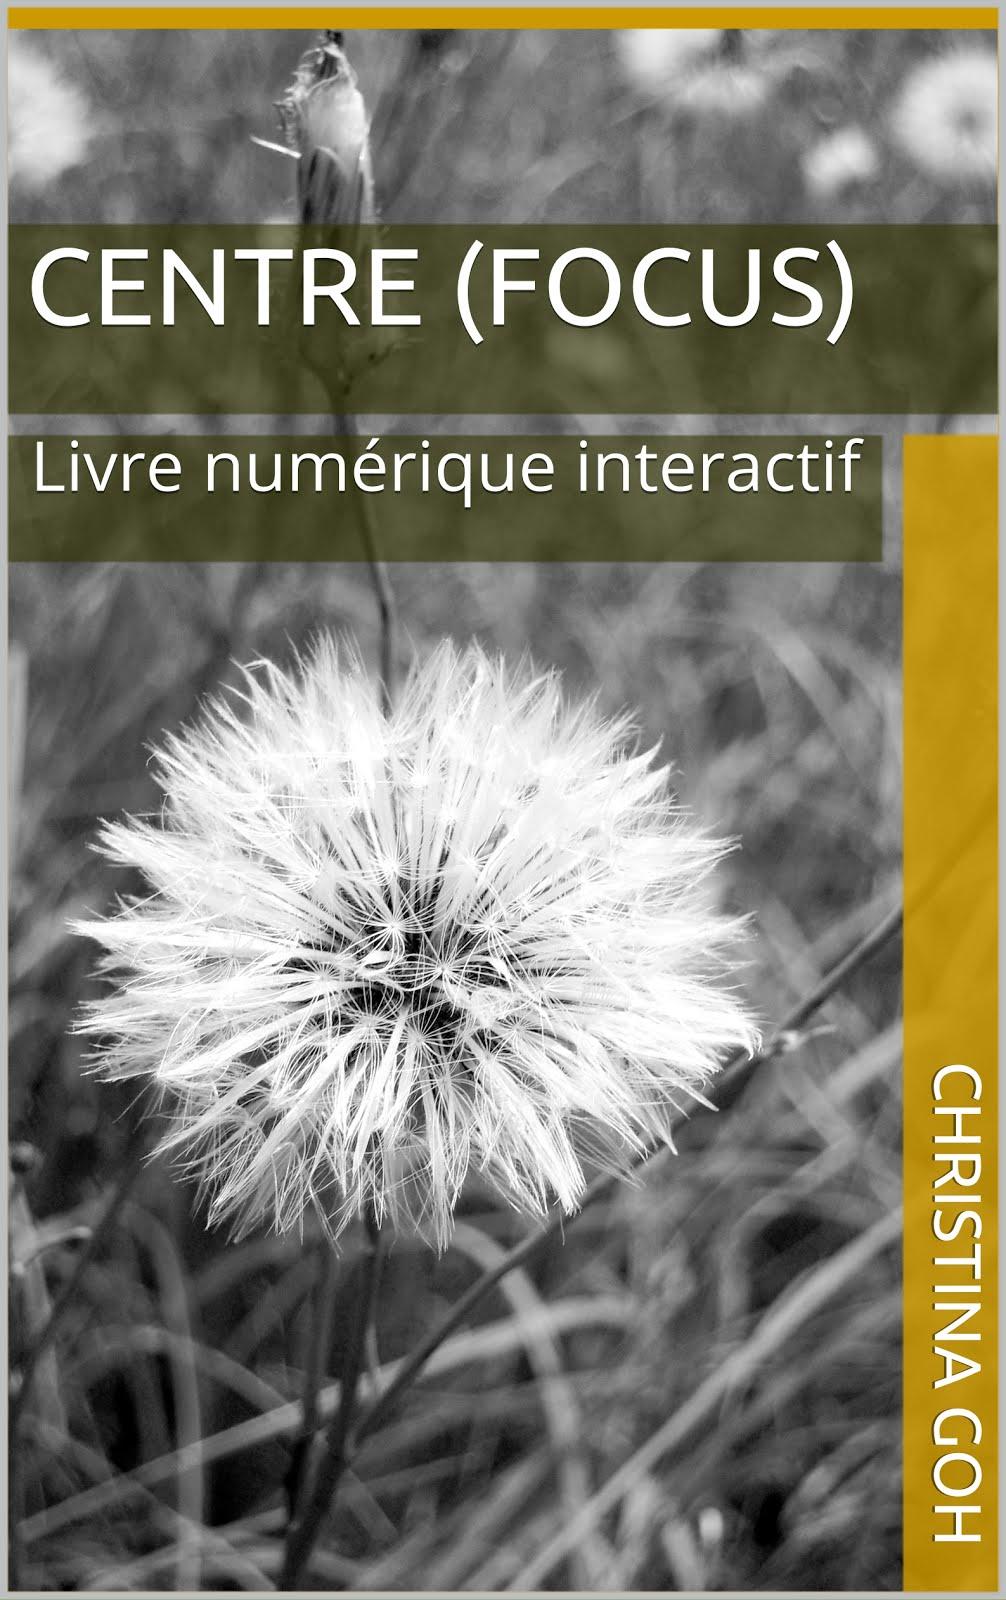 Numérique & interactif / Application